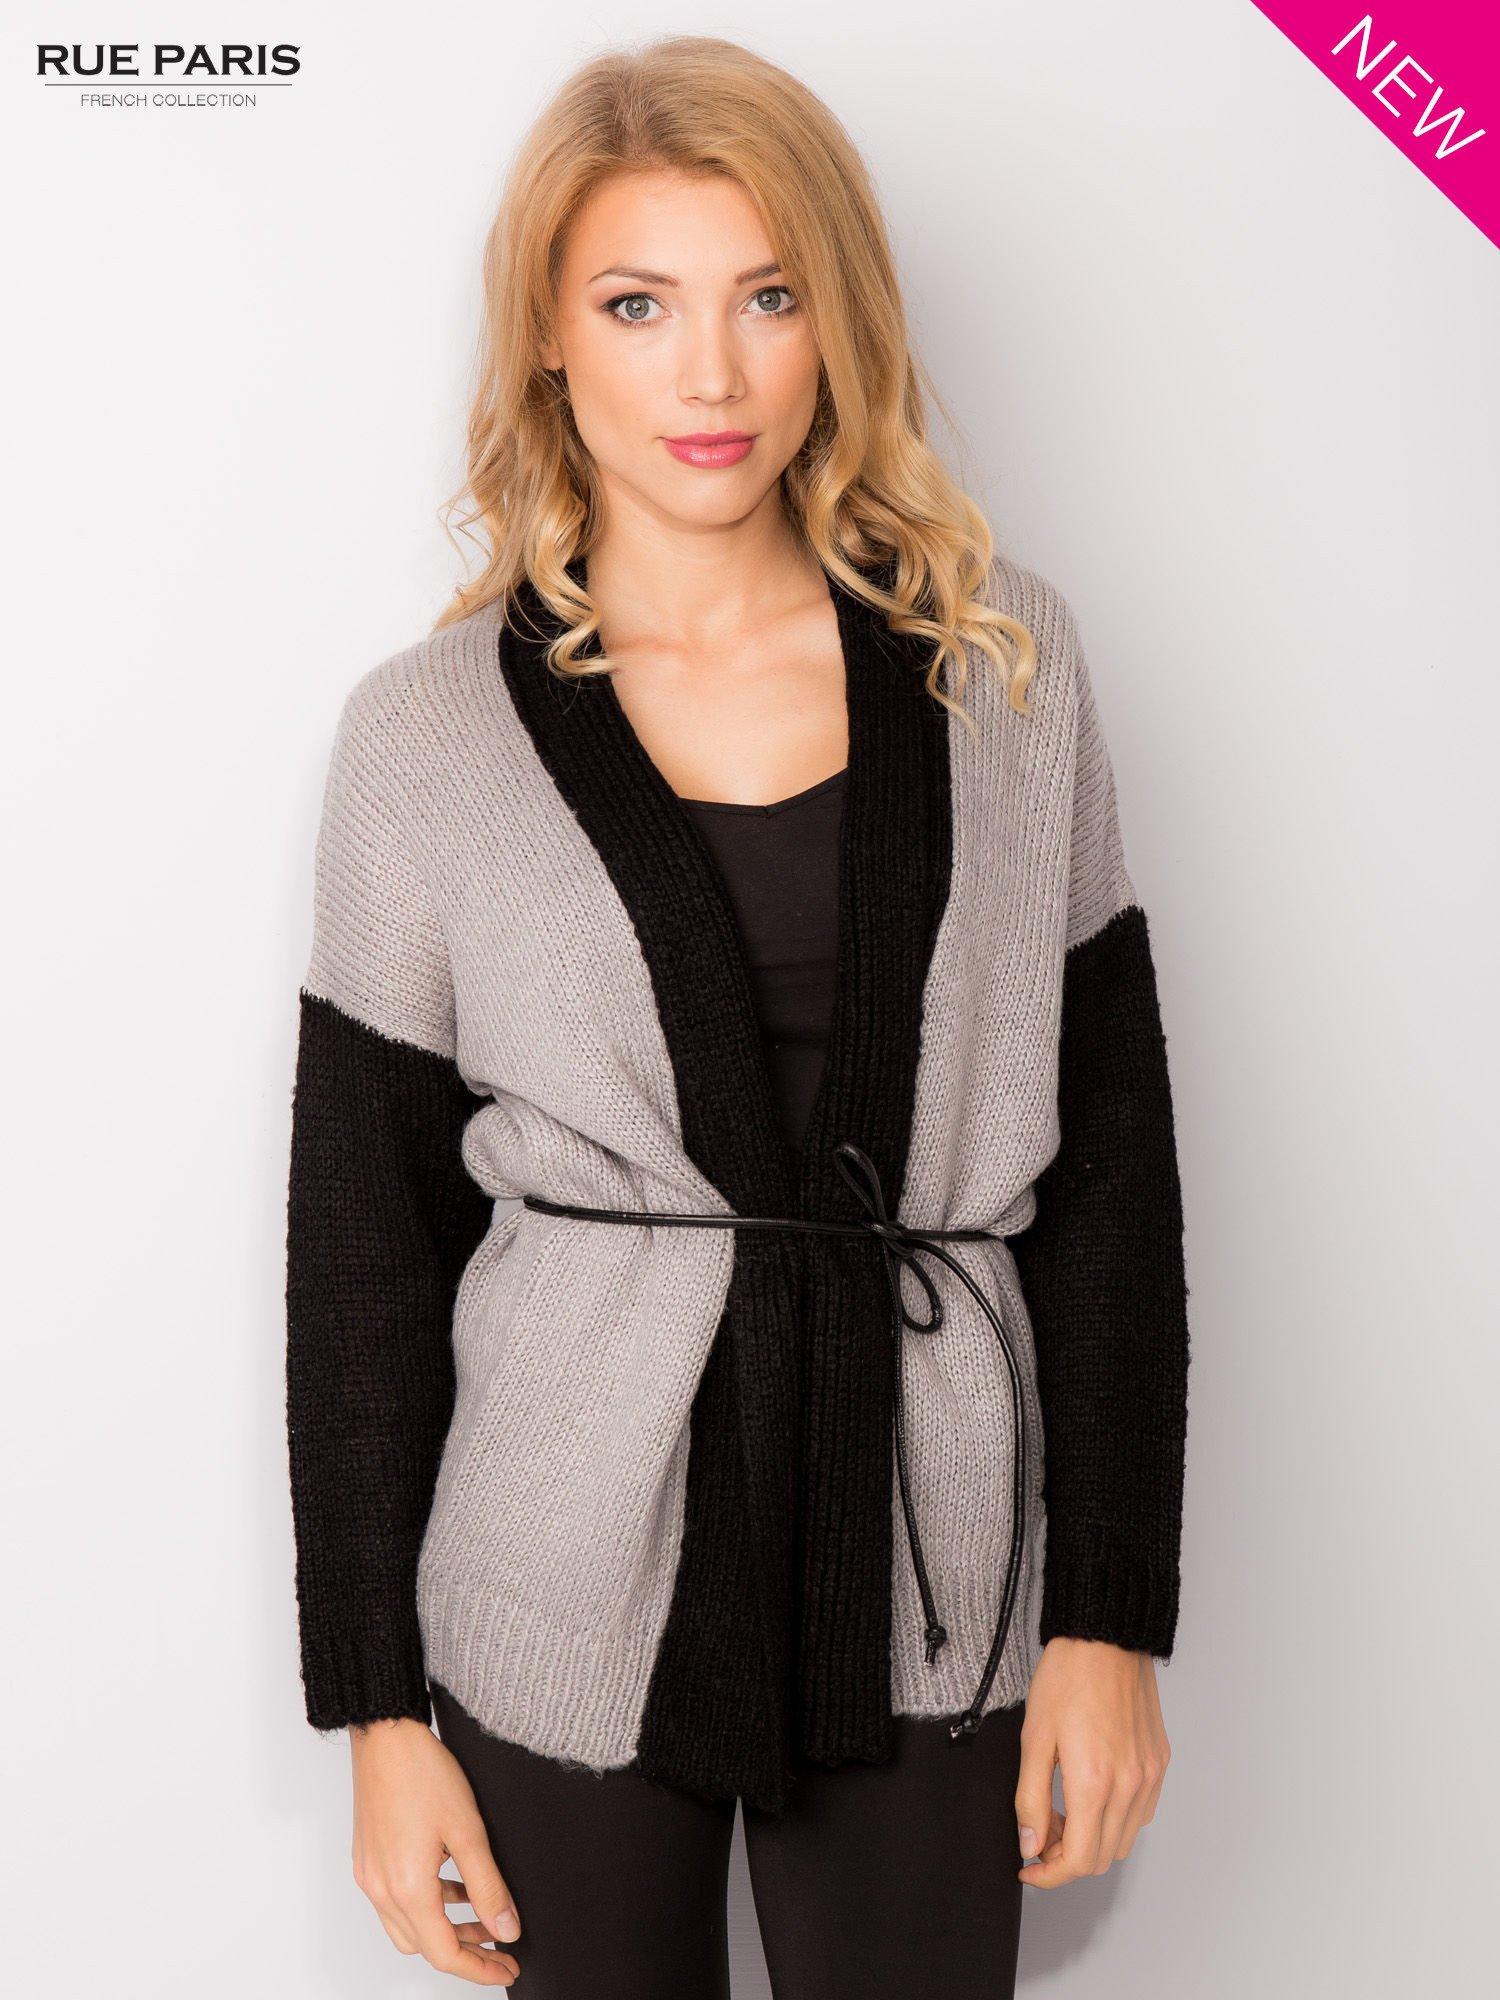 Szary sweter z kontrastowym pasem i rękawami                                  zdj.                                  2